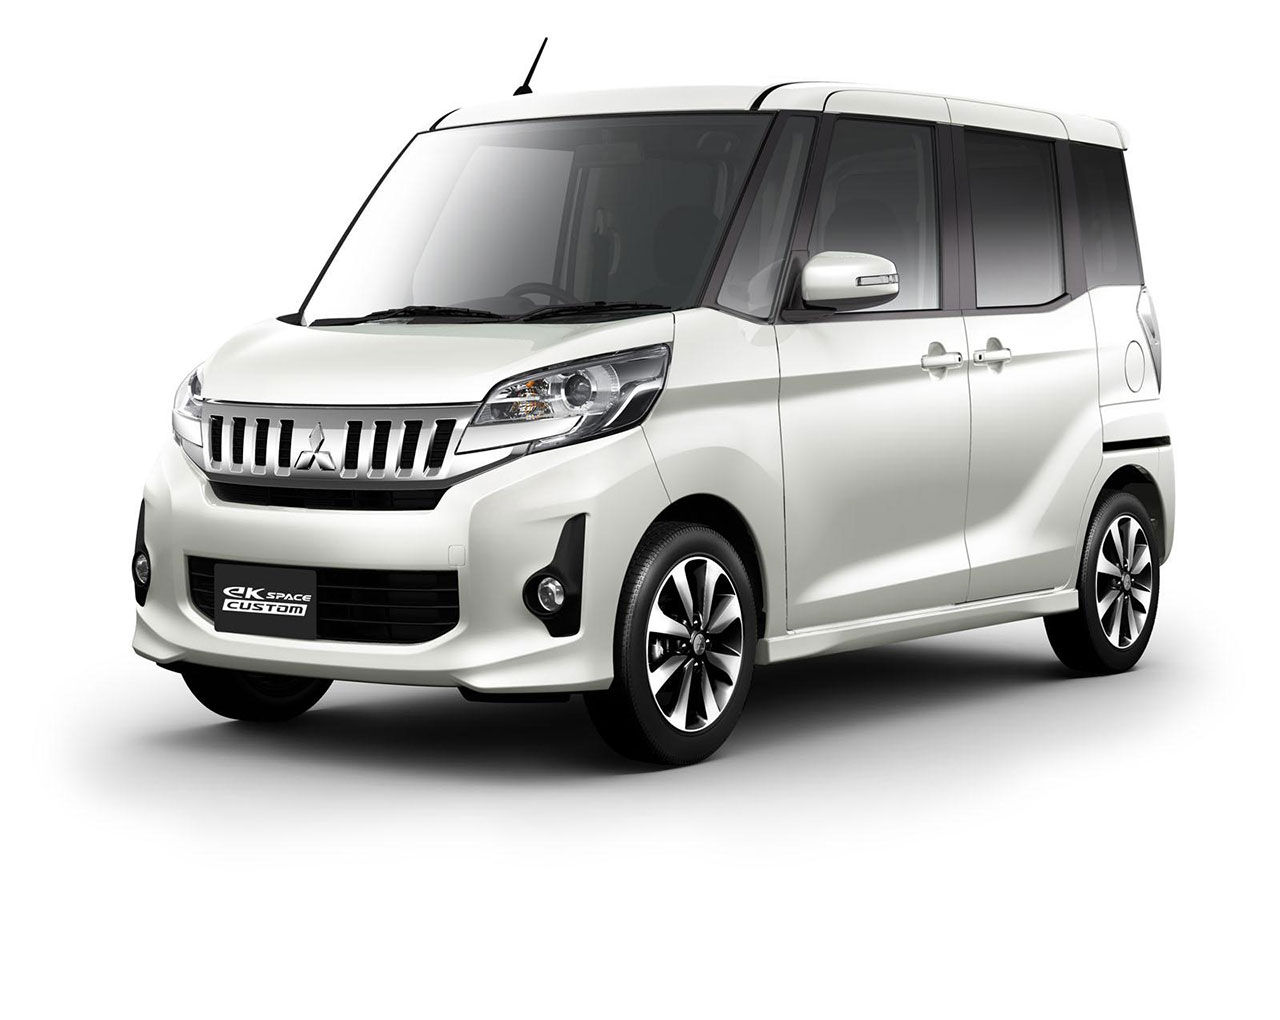 Mitsubishi erkänner att de också har fuskat med utsläppssiffror